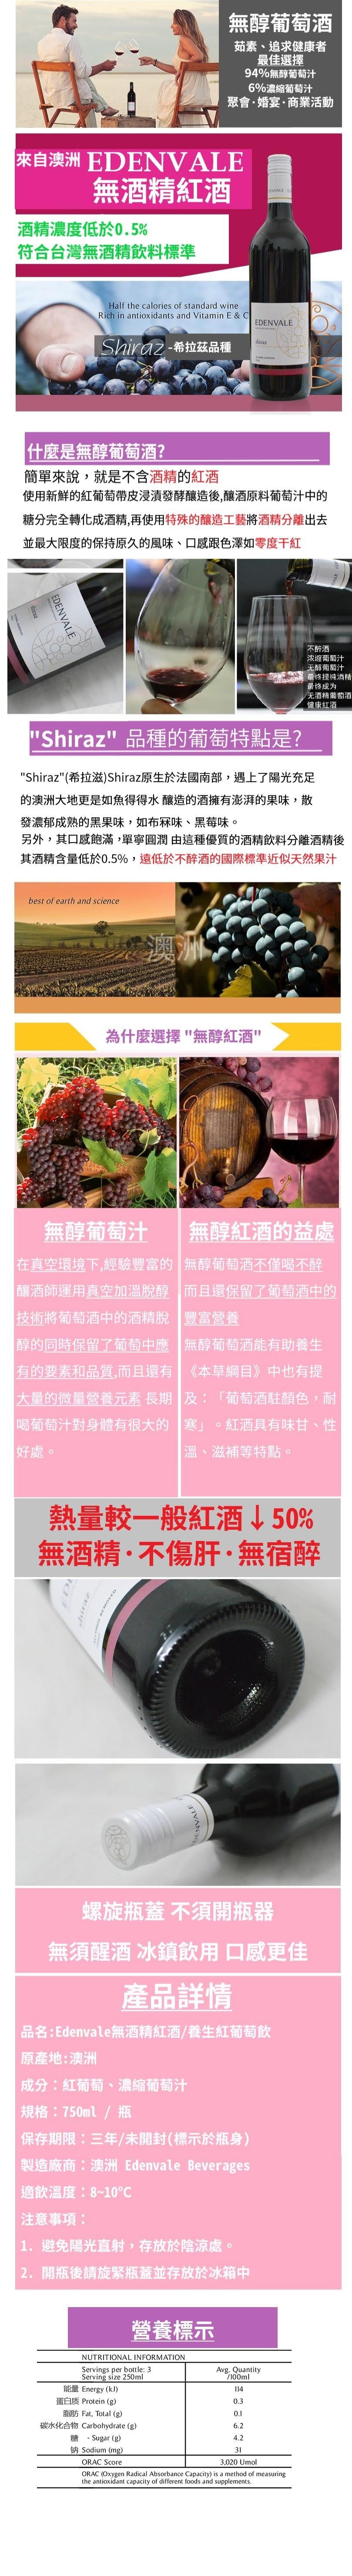 伊威養生紅葡萄飲,來自澳洲頂級酒莊 葡萄酒經過別技術將酒精移除 保留葡萄的特有天然養分 含數十種以上的有益多酚類物質 (含白藜蘆醇)抗氧化物、維生素與礦物質